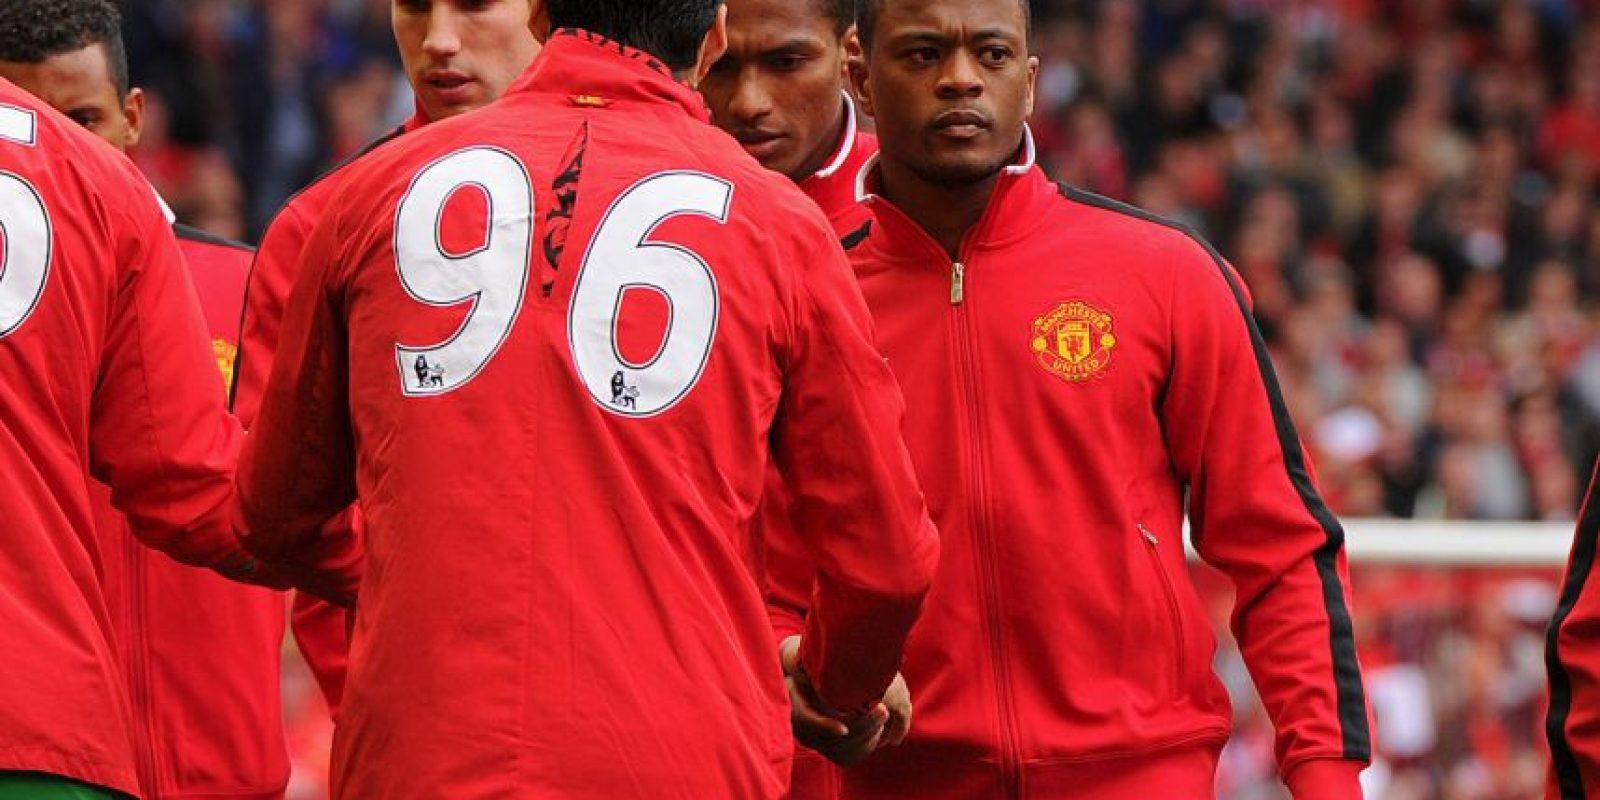 Pero en el siguiente partido, ambos futbolistas se dieron un frío apretón de manos, pero saludo al fin. Foto:Getty Images